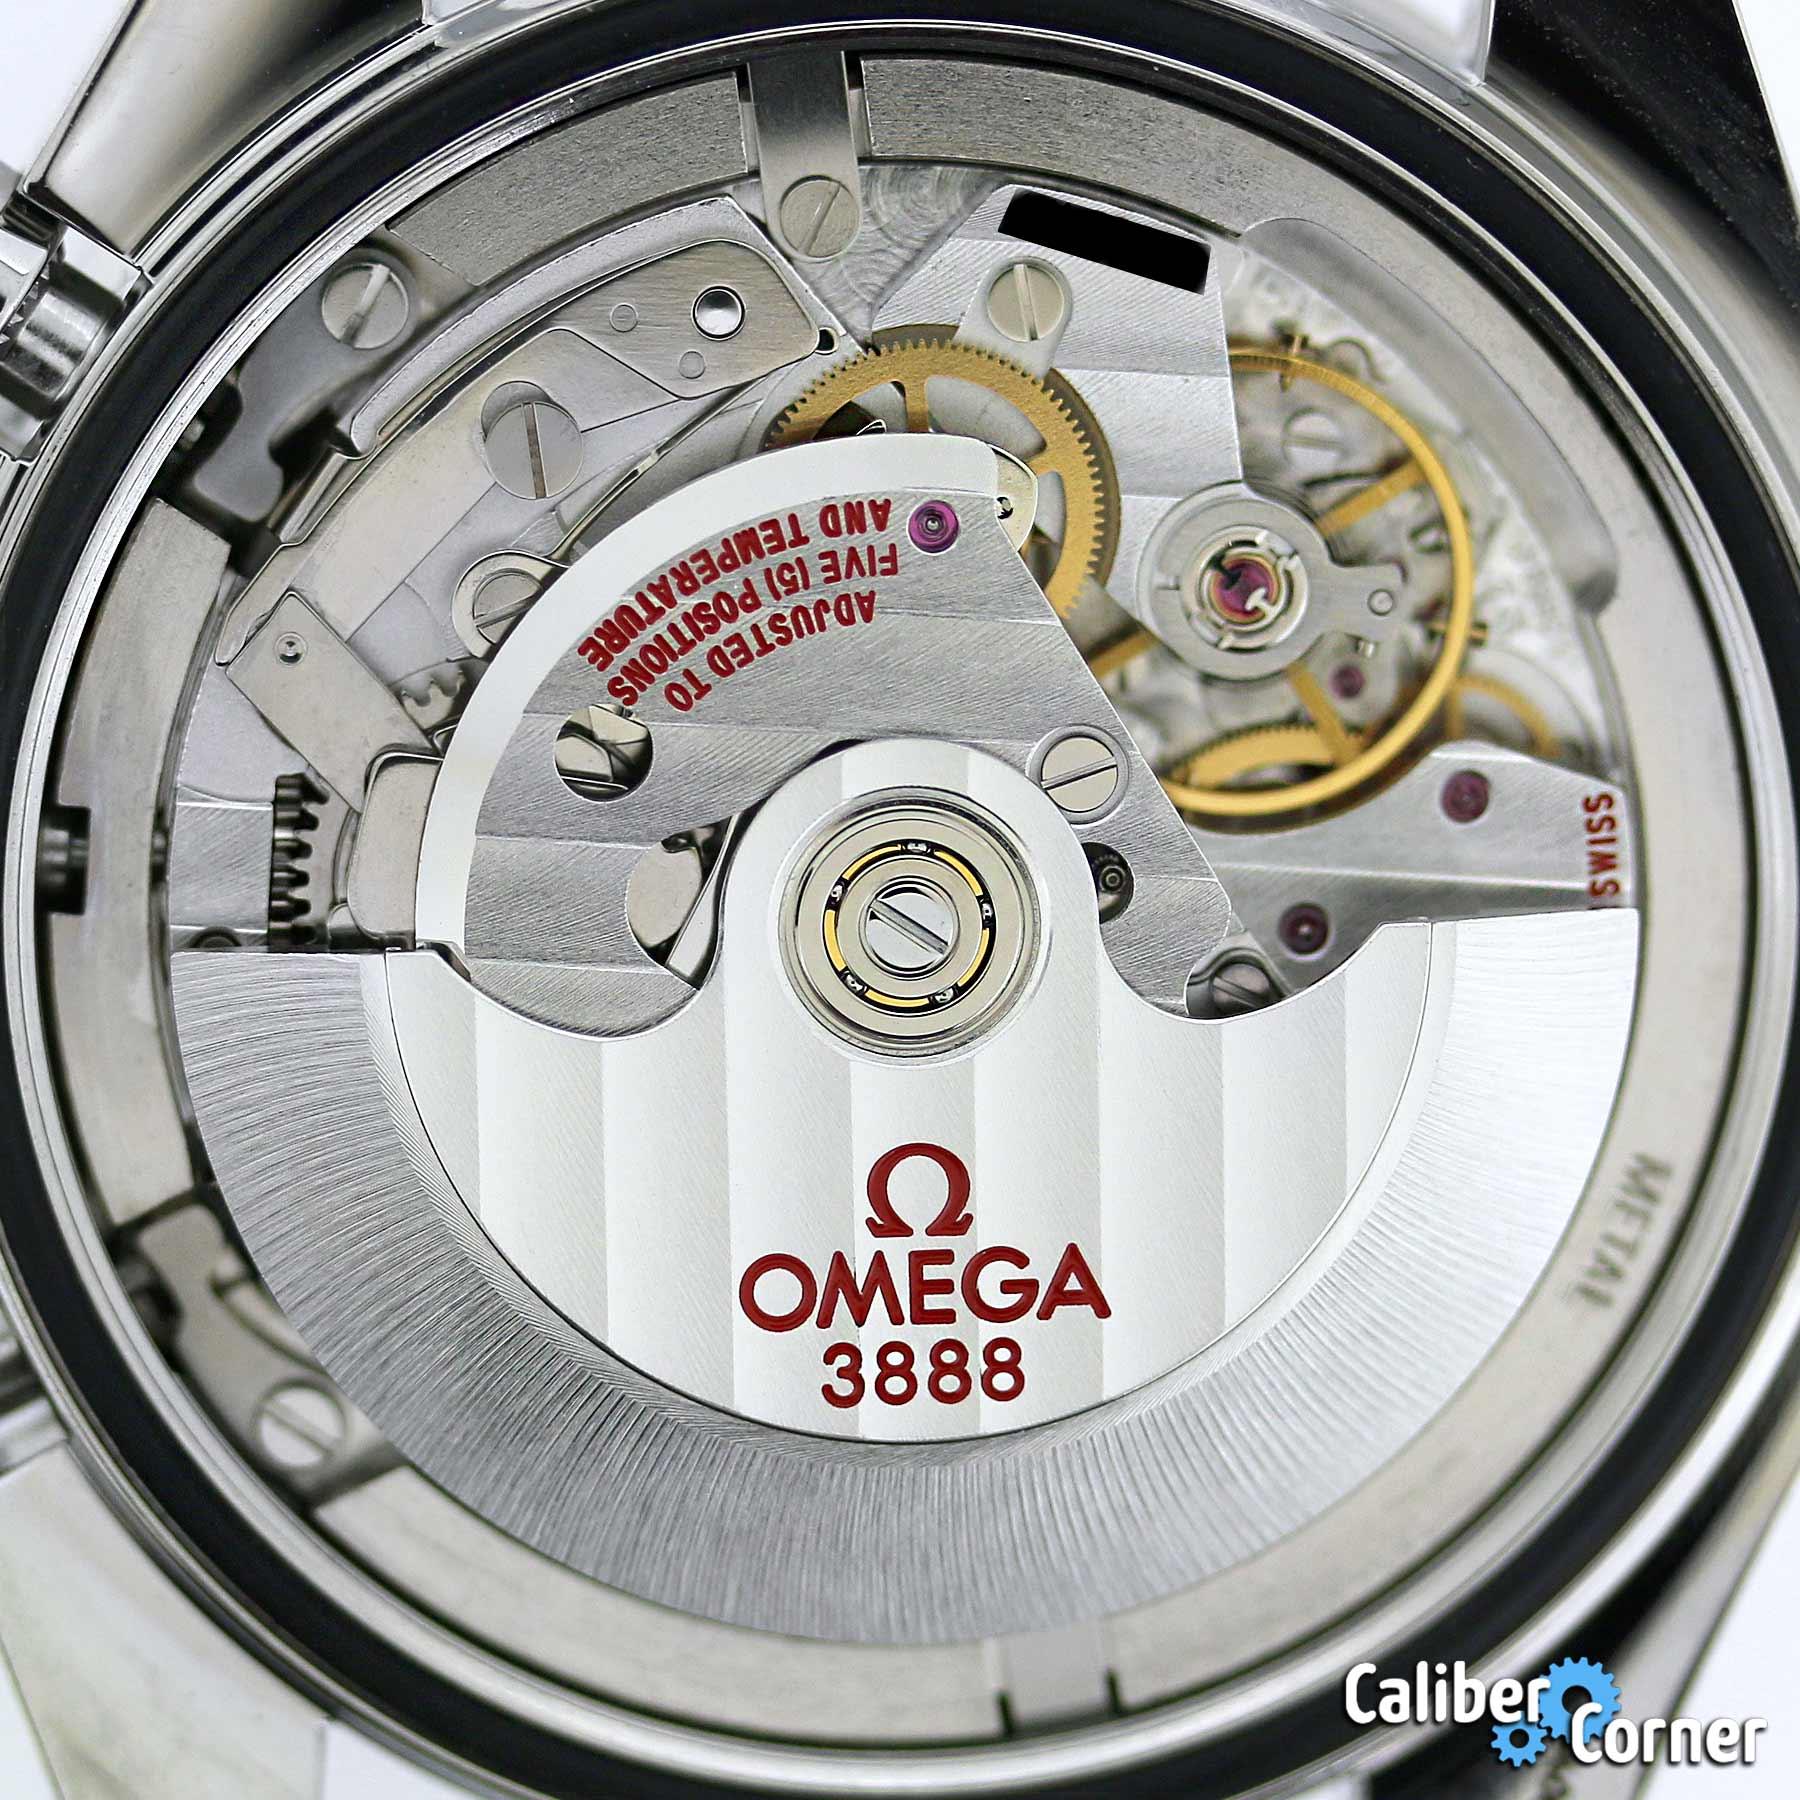 Omega Caliber 3888